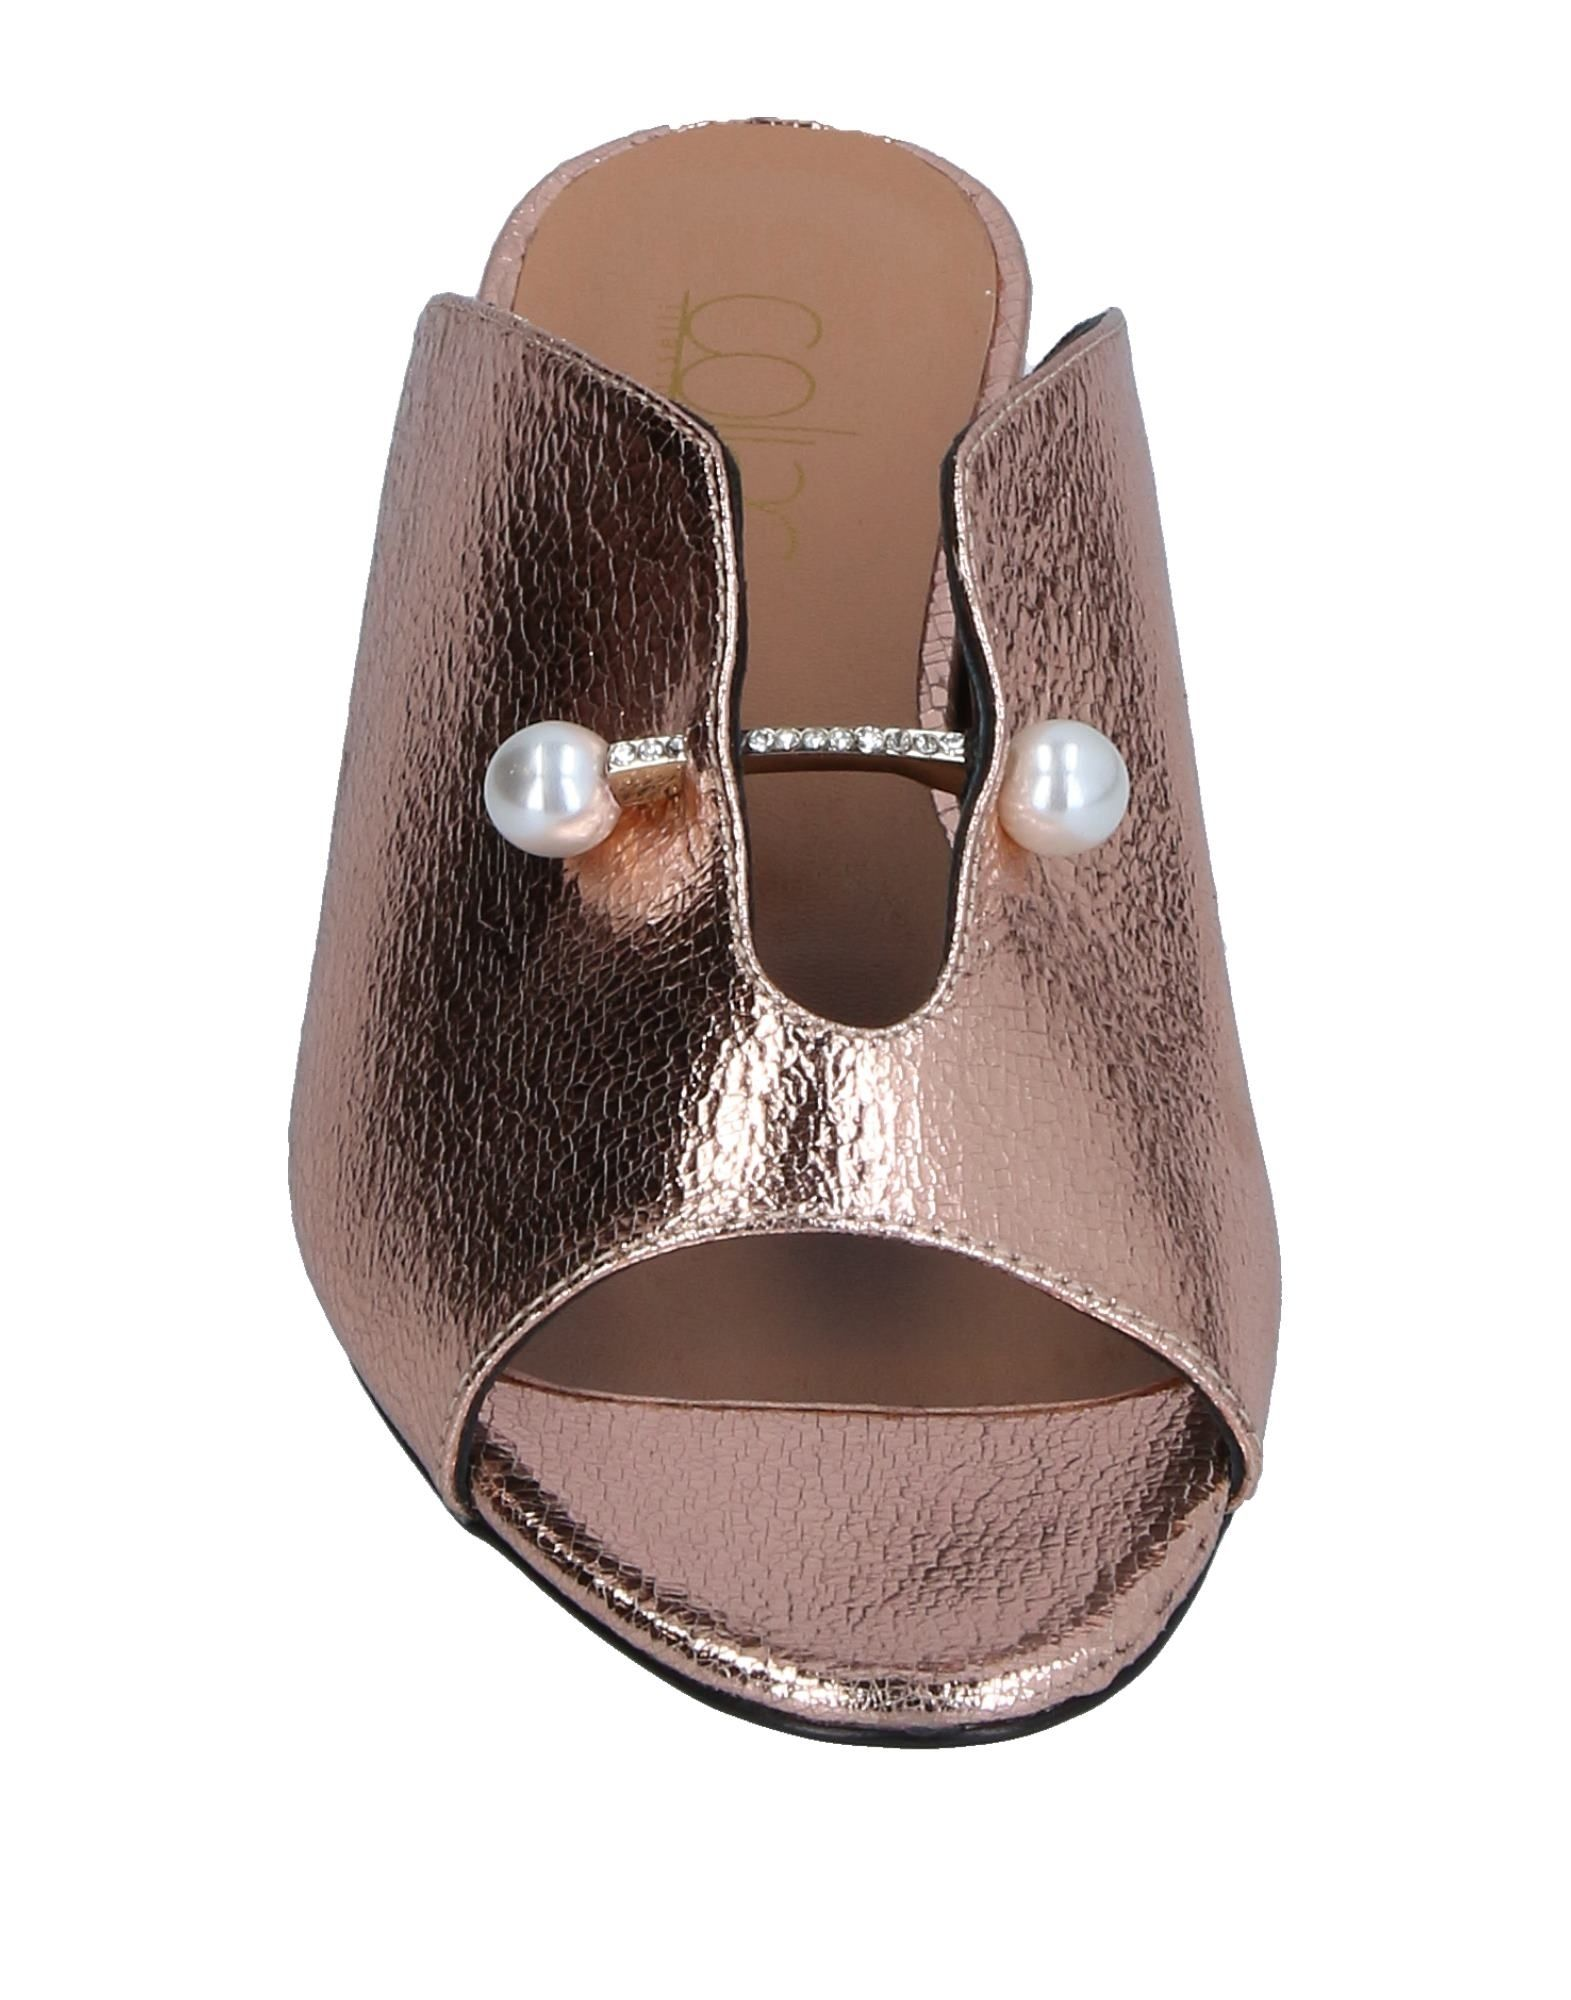 Sandales Coliac Femme - Sandales Coliac sur